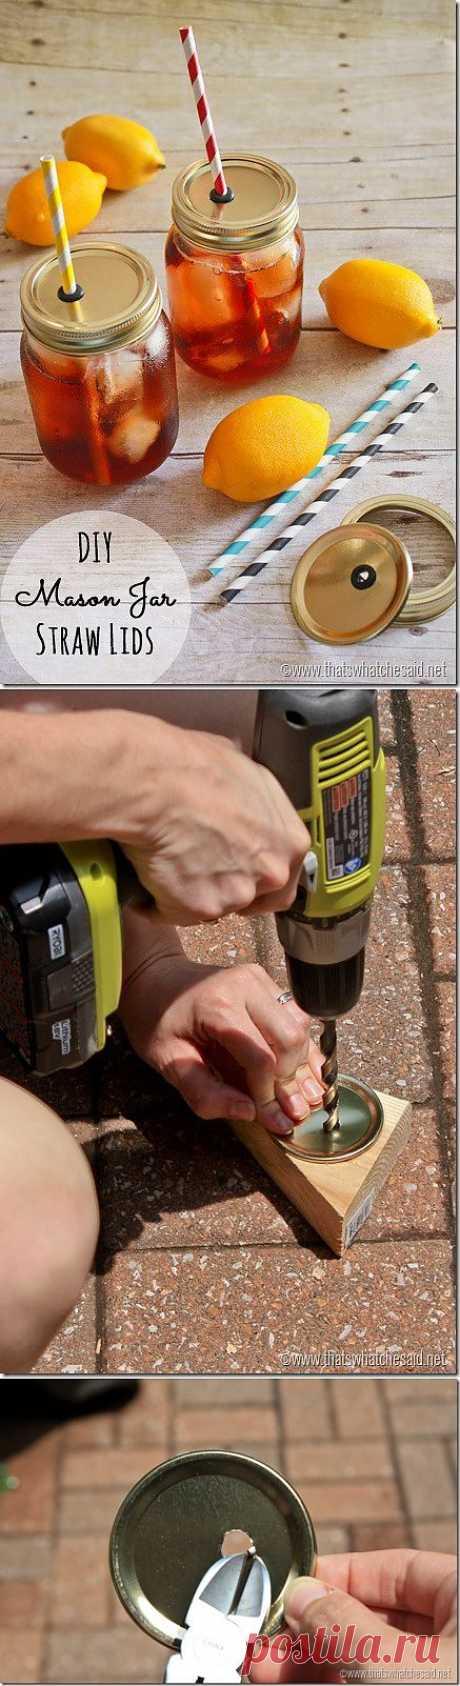 Освежающий лемонад для дачной компании